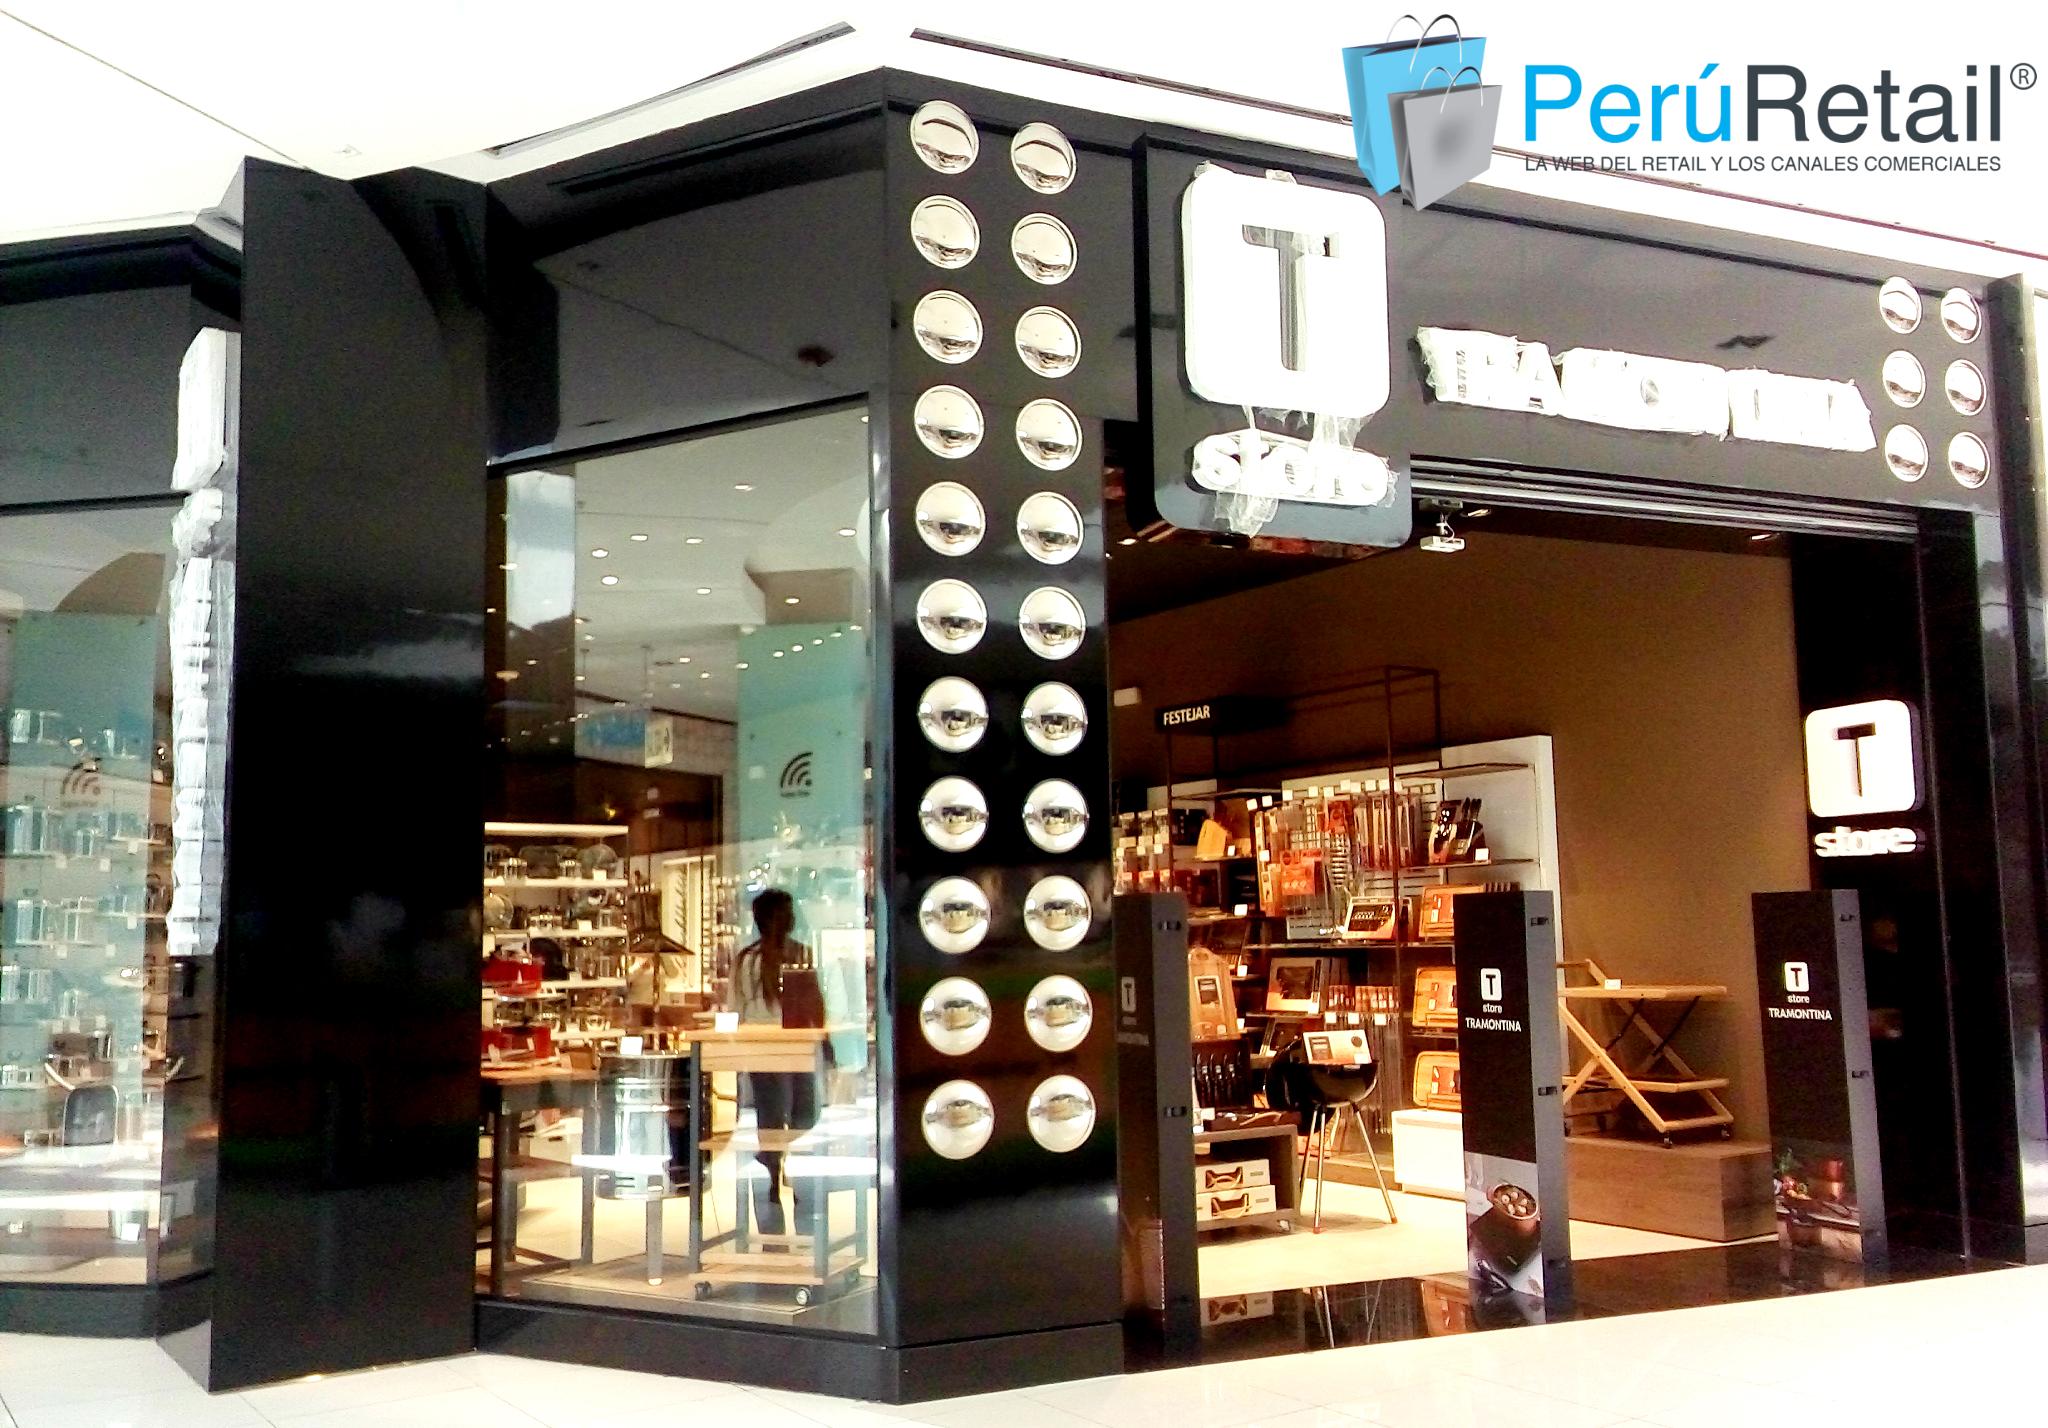 Tramontina Peru Retail  - Tramontina abrirá su primera tienda en Perú